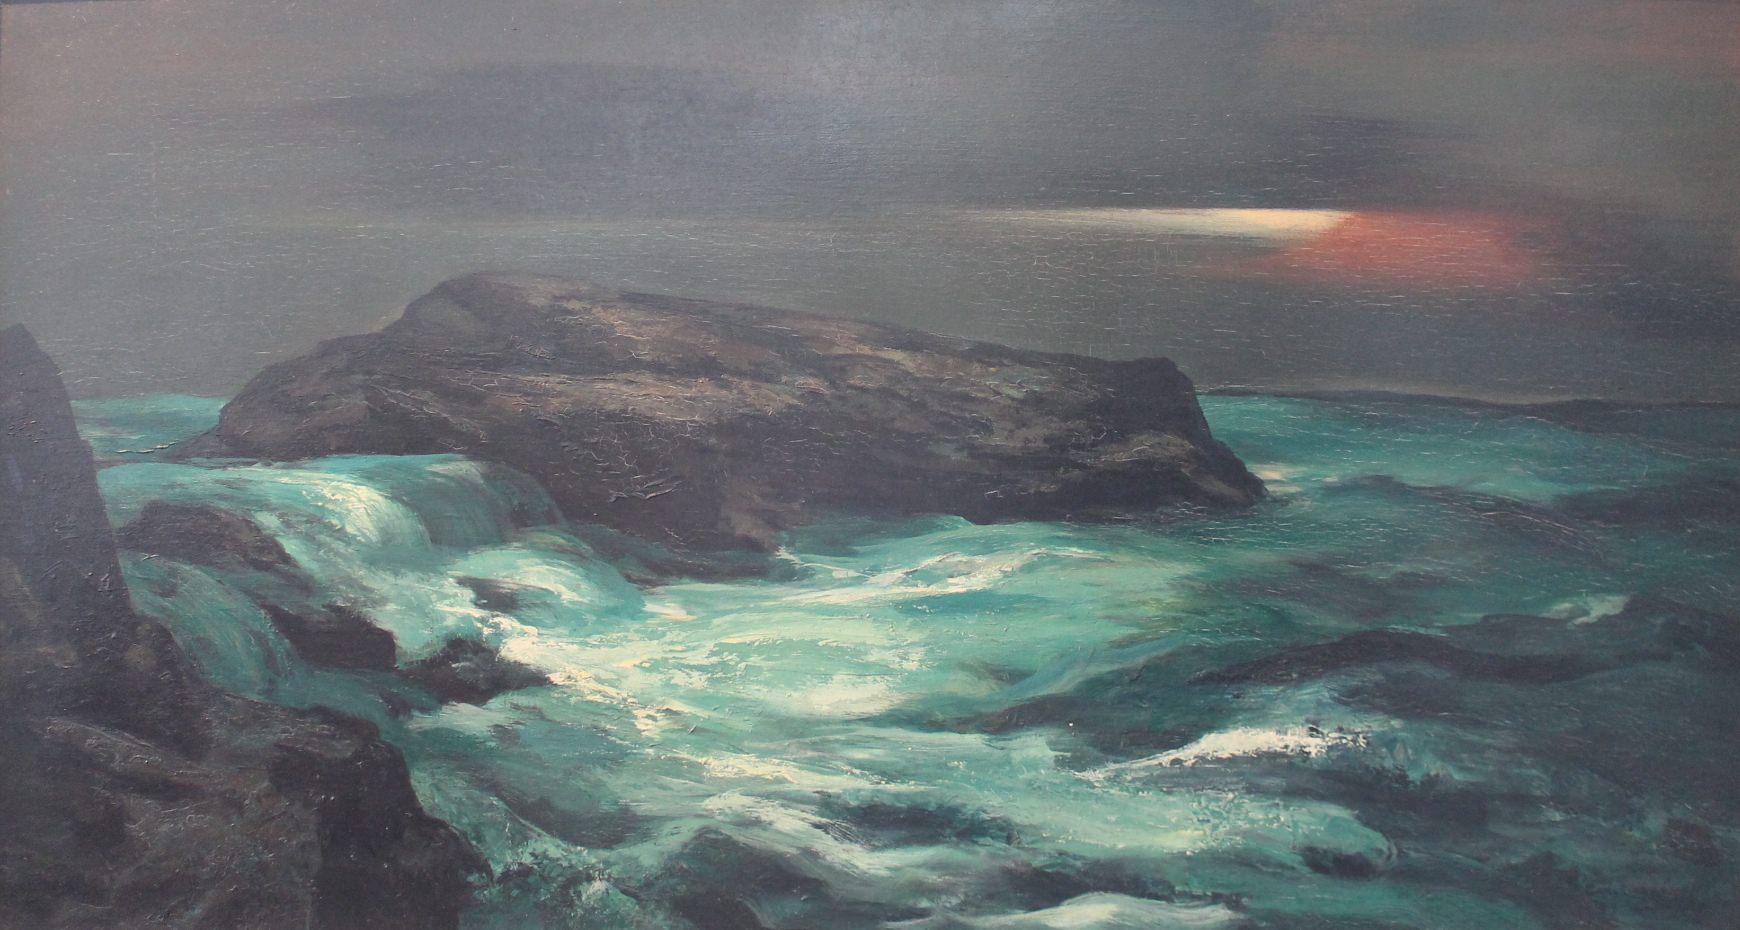 The Green Sea by Carl Frederick Gaertner